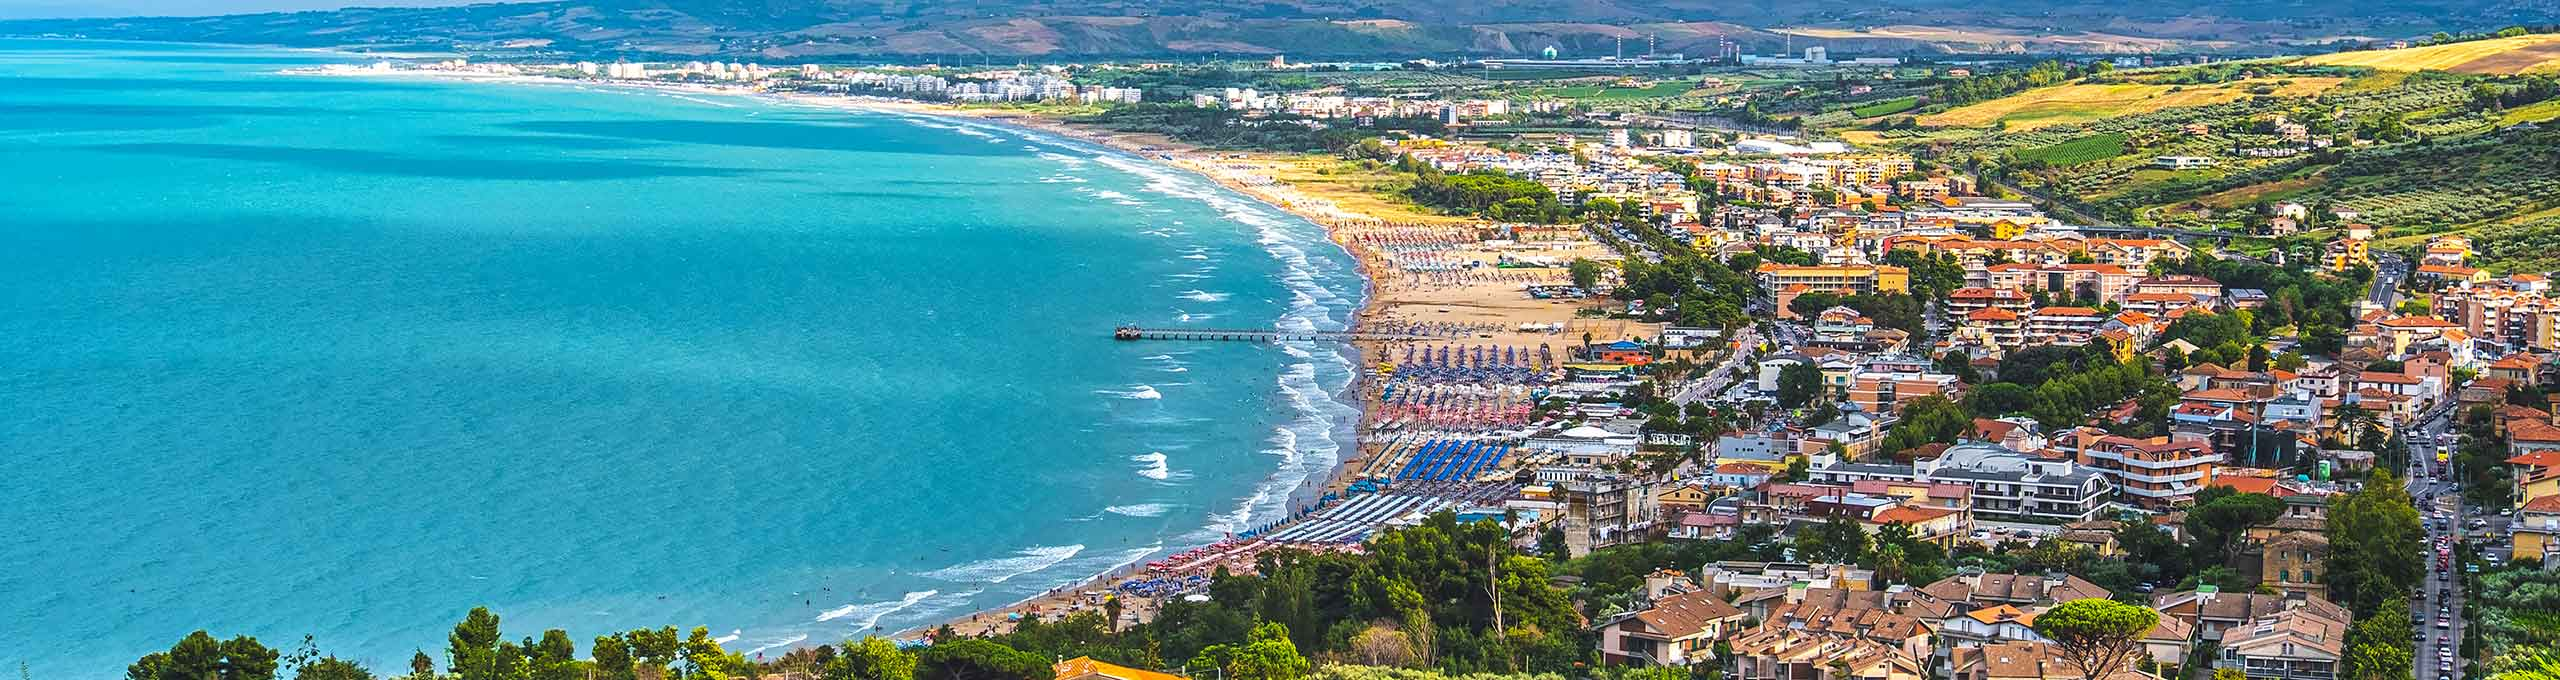 Spiaggia di Vasto Marina